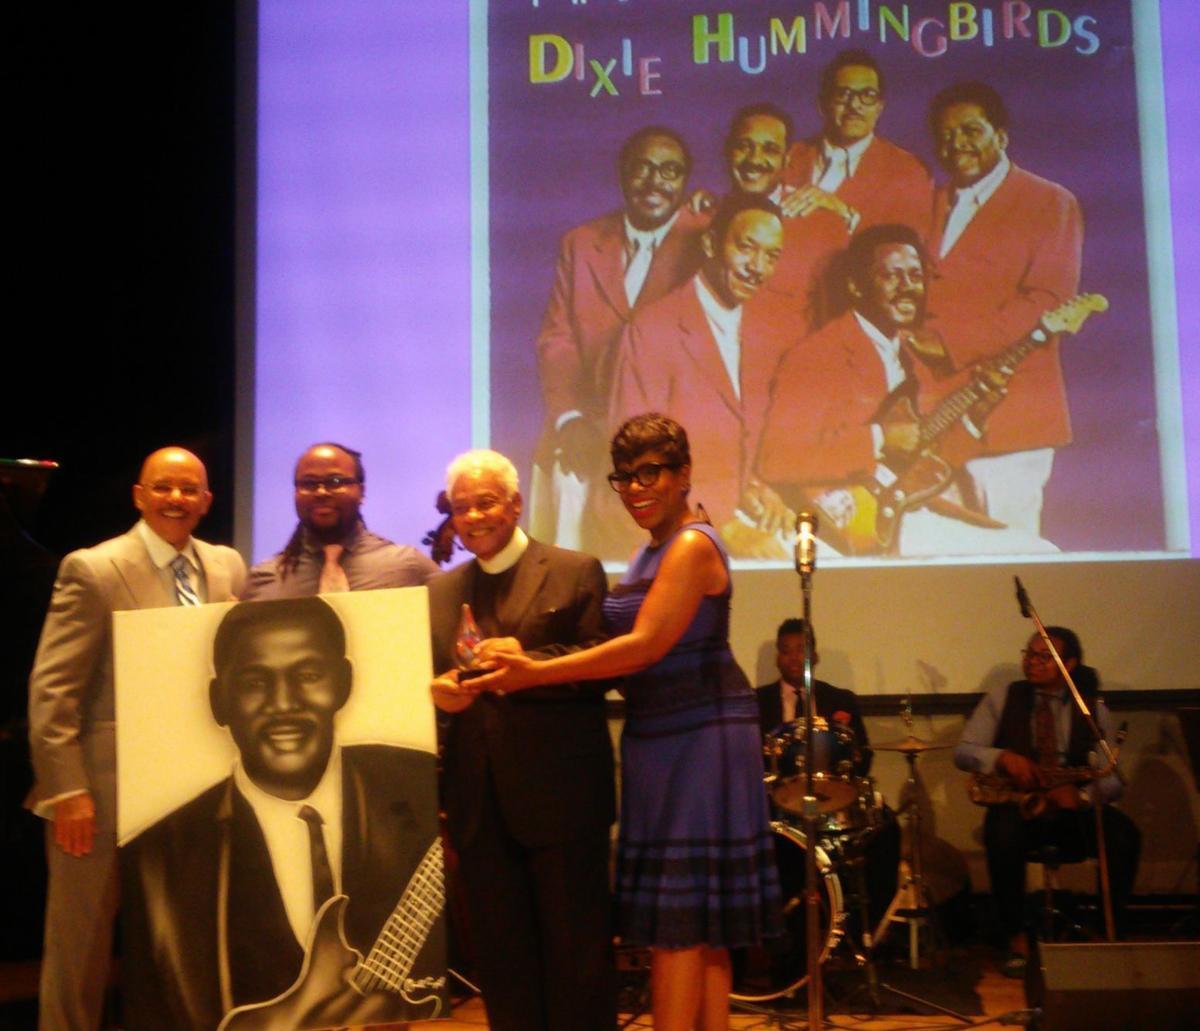 Legendary Dixie Hummingbirds member Howard Carroll honored